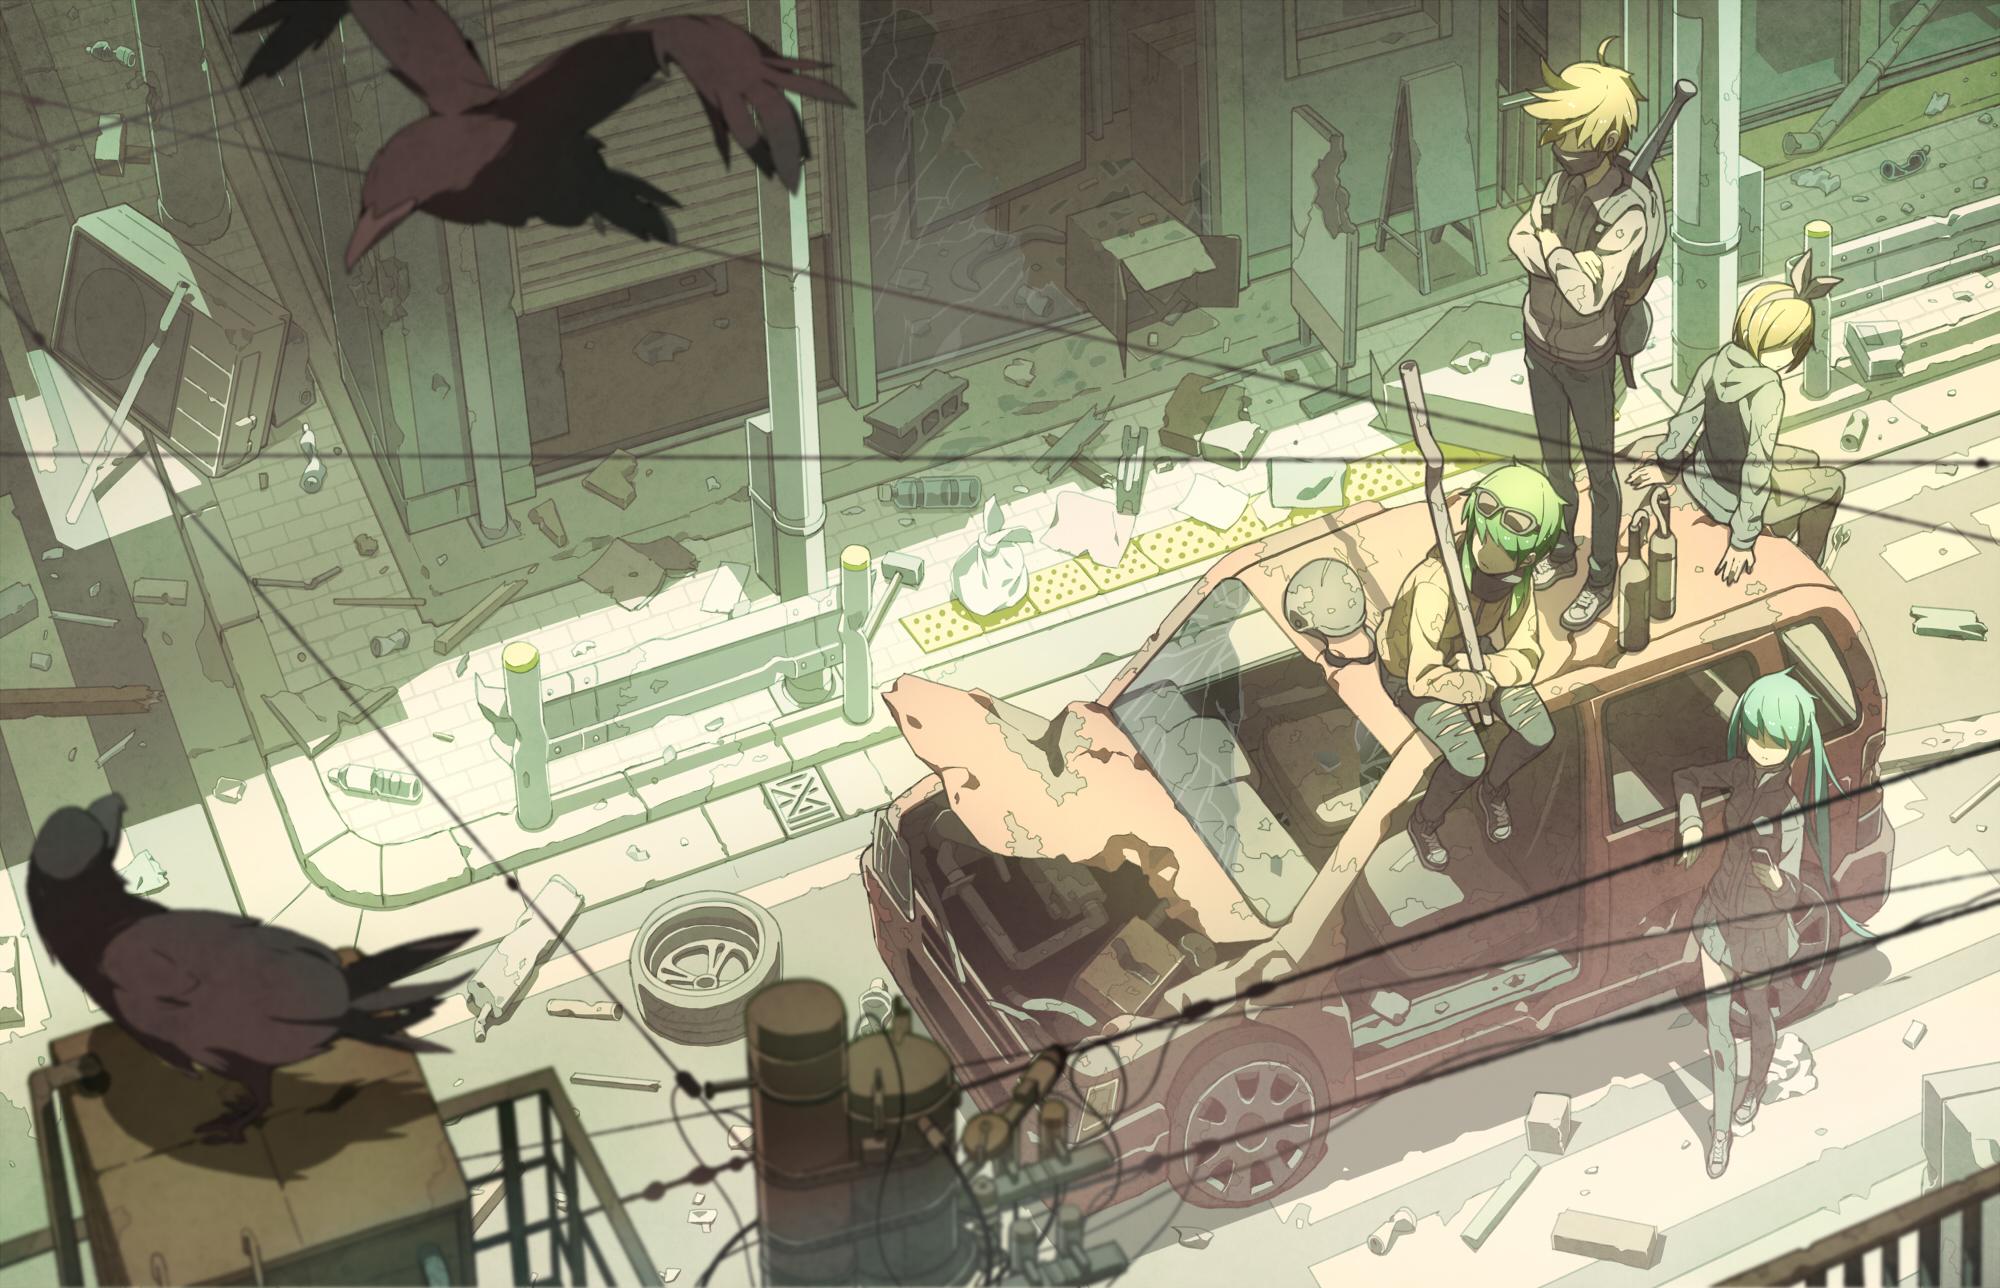 Eastend Pandemonium by Tomiokajiro